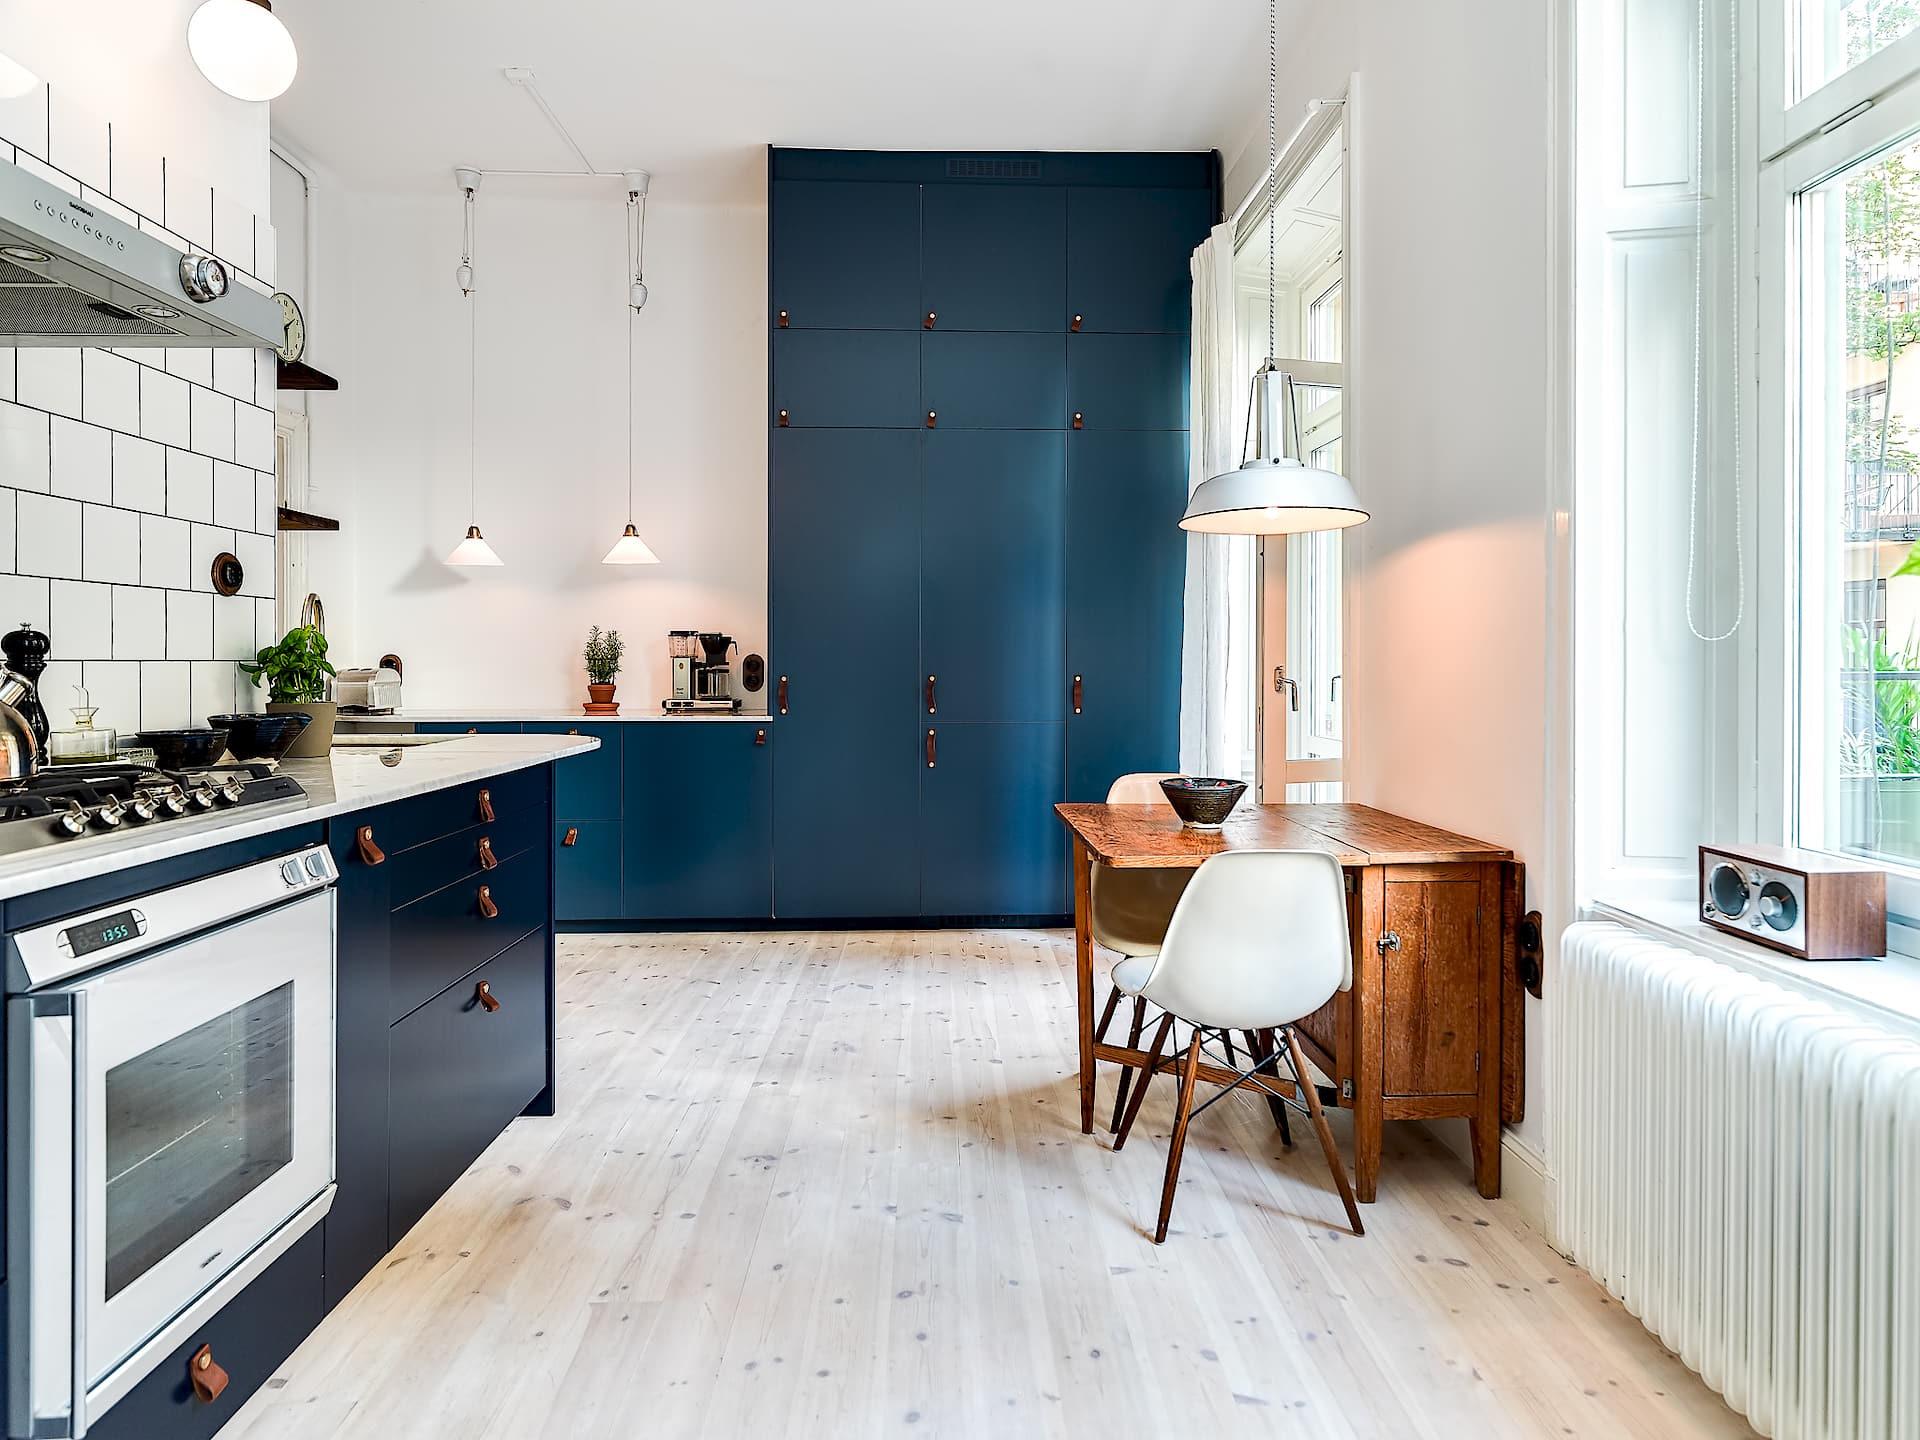 кухня фасады синий индиго столешница мрамор высокие шкафы